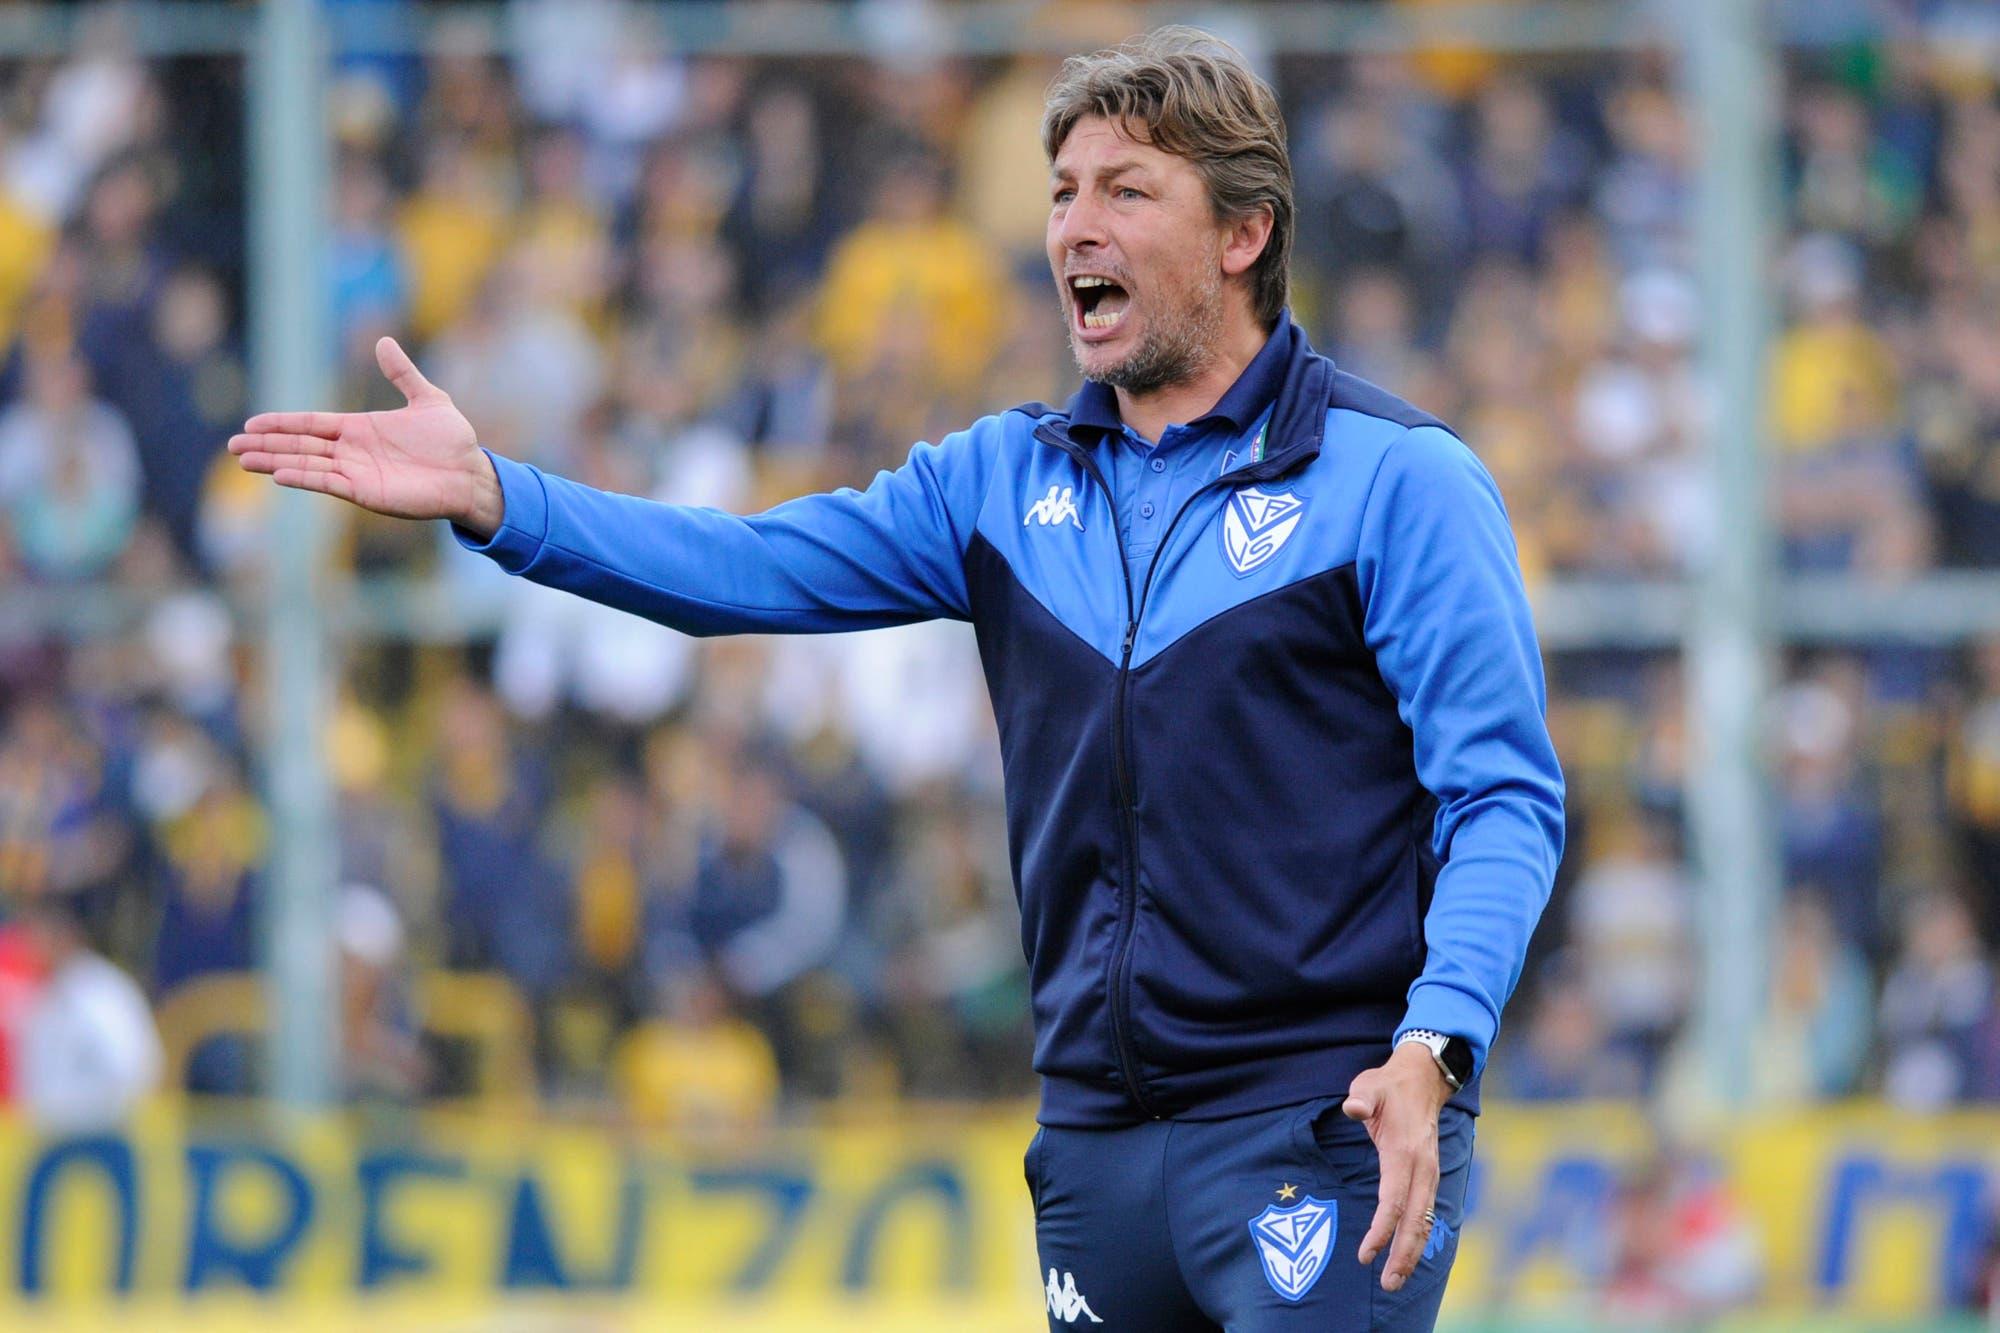 Una interrupción inoportuna: qué equipo arrancará con ventaja cuando se reanude la Superliga